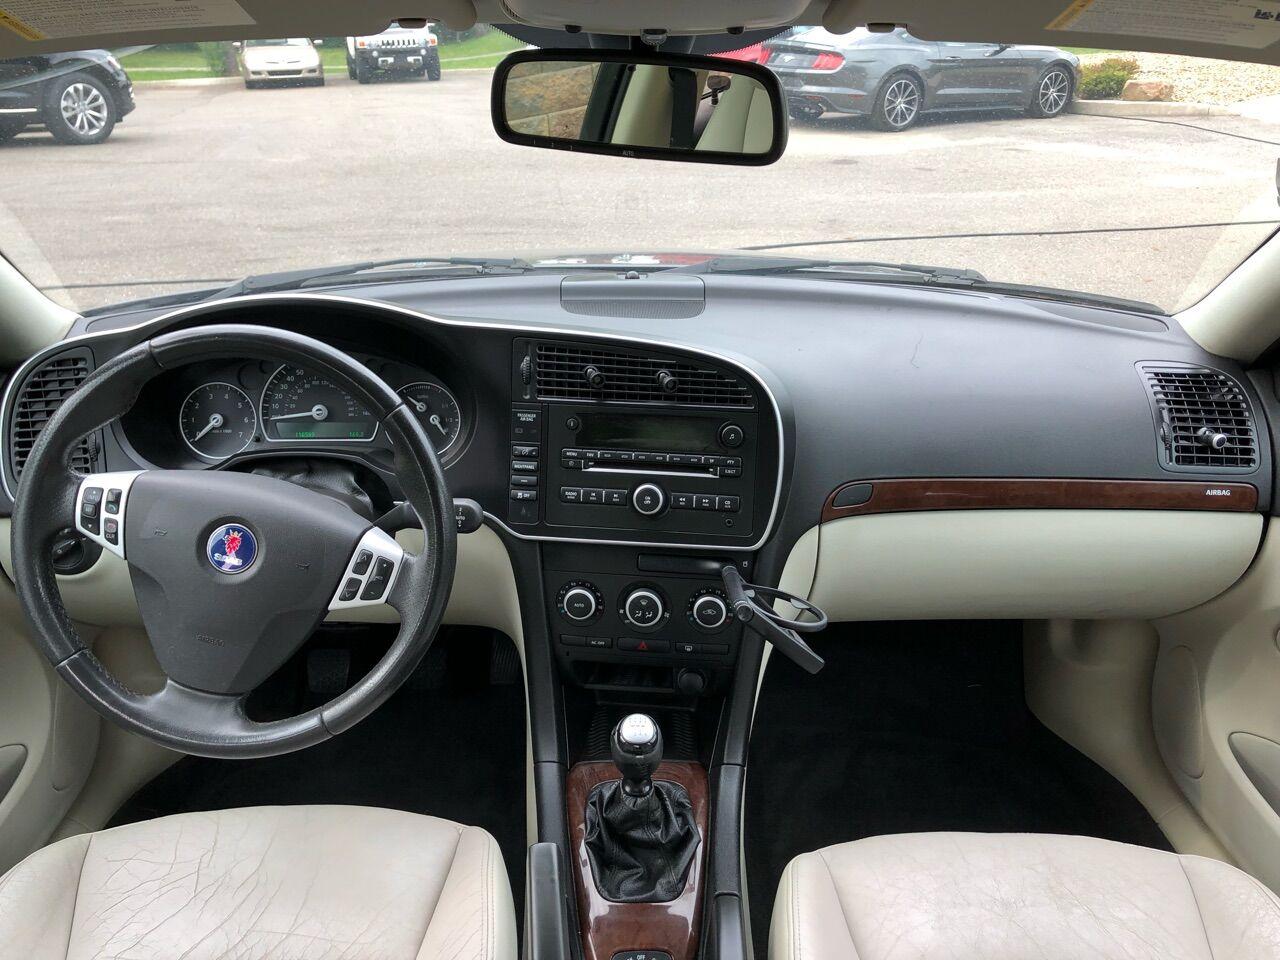 2011 Saab 9-3 4dr Car